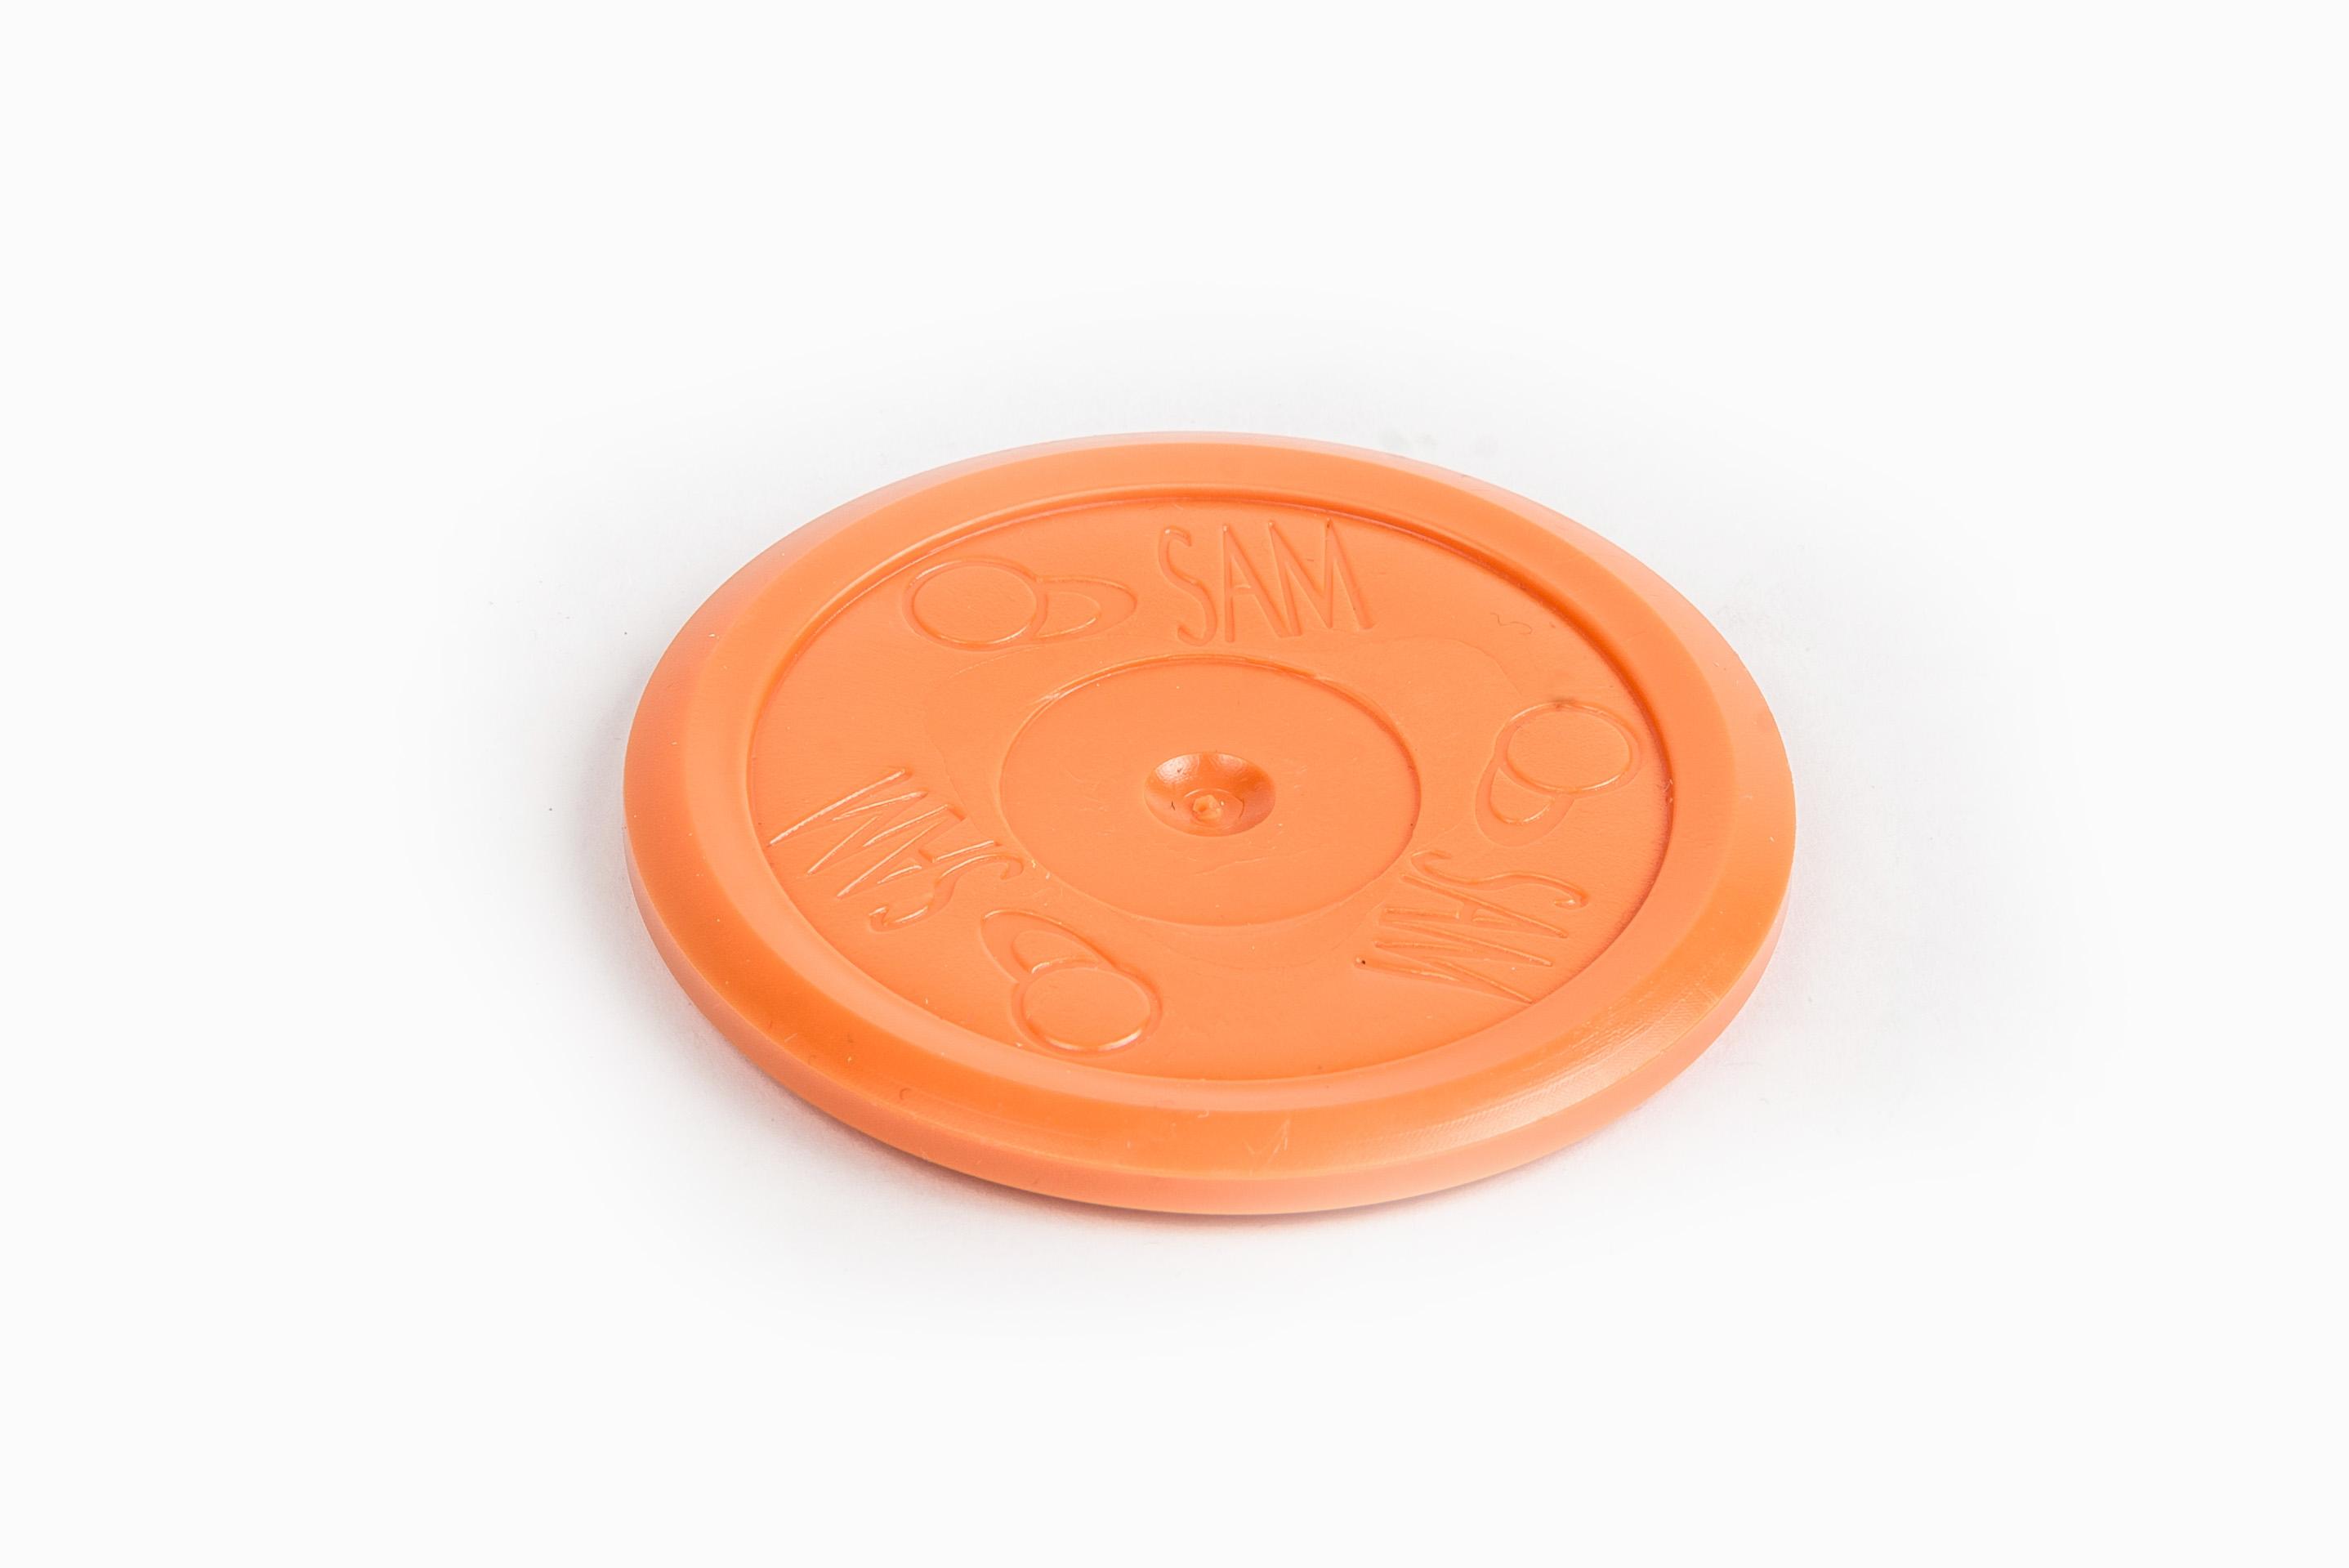 Шайба оранжева за въздушен хокей , тиха